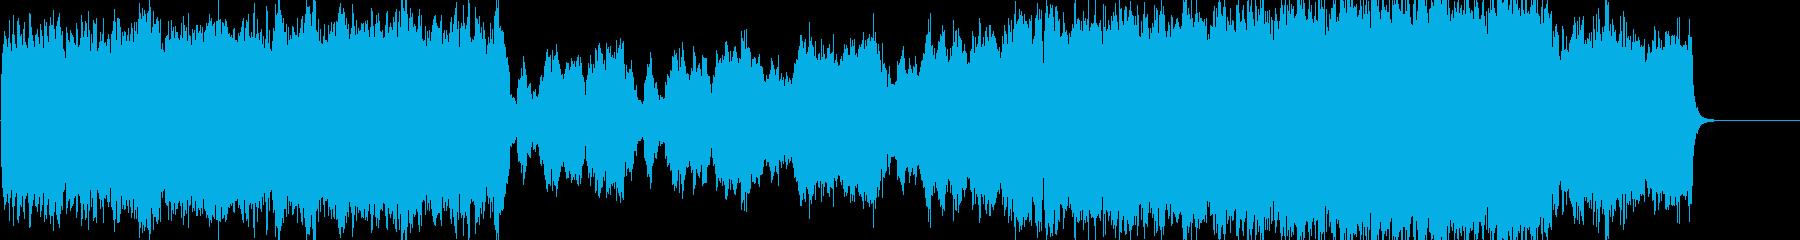 ストリングスが上品で感動的なクラシックの再生済みの波形